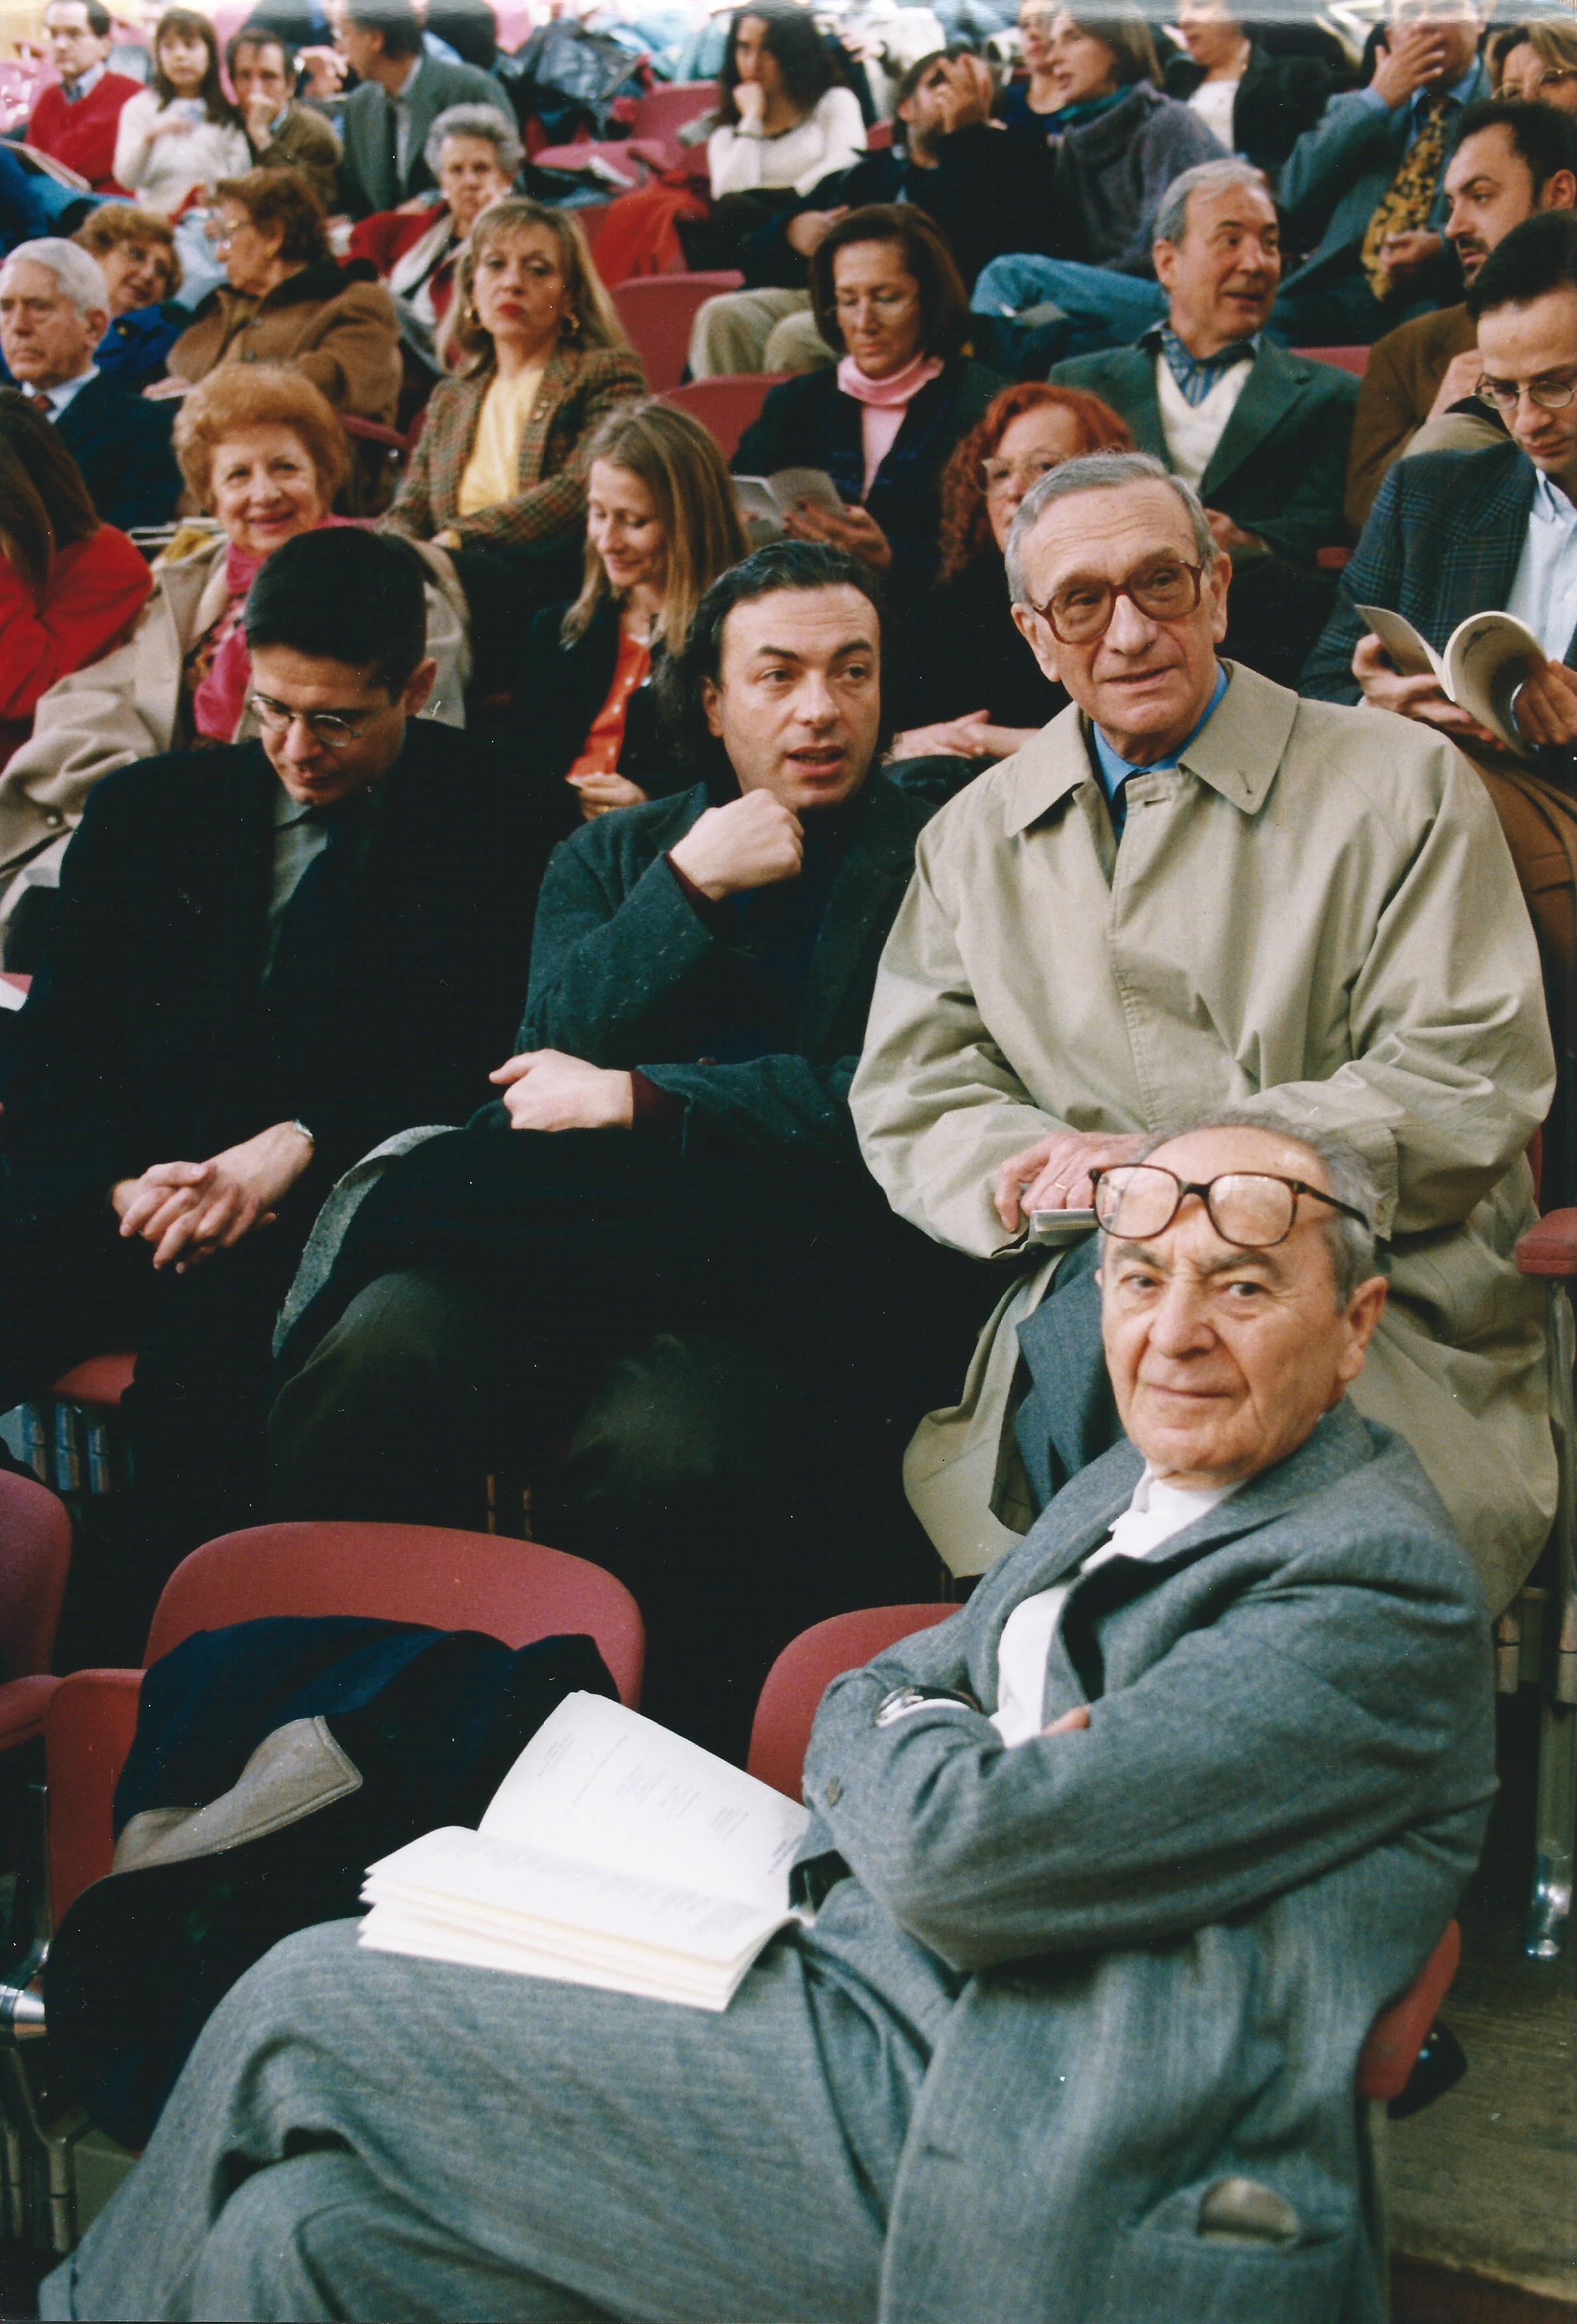 ALBERTO CAPRIOLI, FIORI D'OMBRA, PER ARCHI. ORCHESTRA DEL TEATRO COMUNALE DI BOLOGNA, DIR. ROBERTO POLASTRI. BOLOGNA, AULA ABSIDALE DI SANTA LUCIA, 4 APRILE 2001. DA DESTRA: DINO GAVINA. EZIO RAIMONDI, ALBERTO CAPRIOLI, MARCO ANTONIO BAZZOCCHI. GABRIELE RASPANTI, MARIA SIMONCINI, FRANCESCA LUI, ANNAROSA POLI. WALTER CASCIO, MARIO BARONI, ROSSANA DALMONTE. FOTO PRIMO GNANI